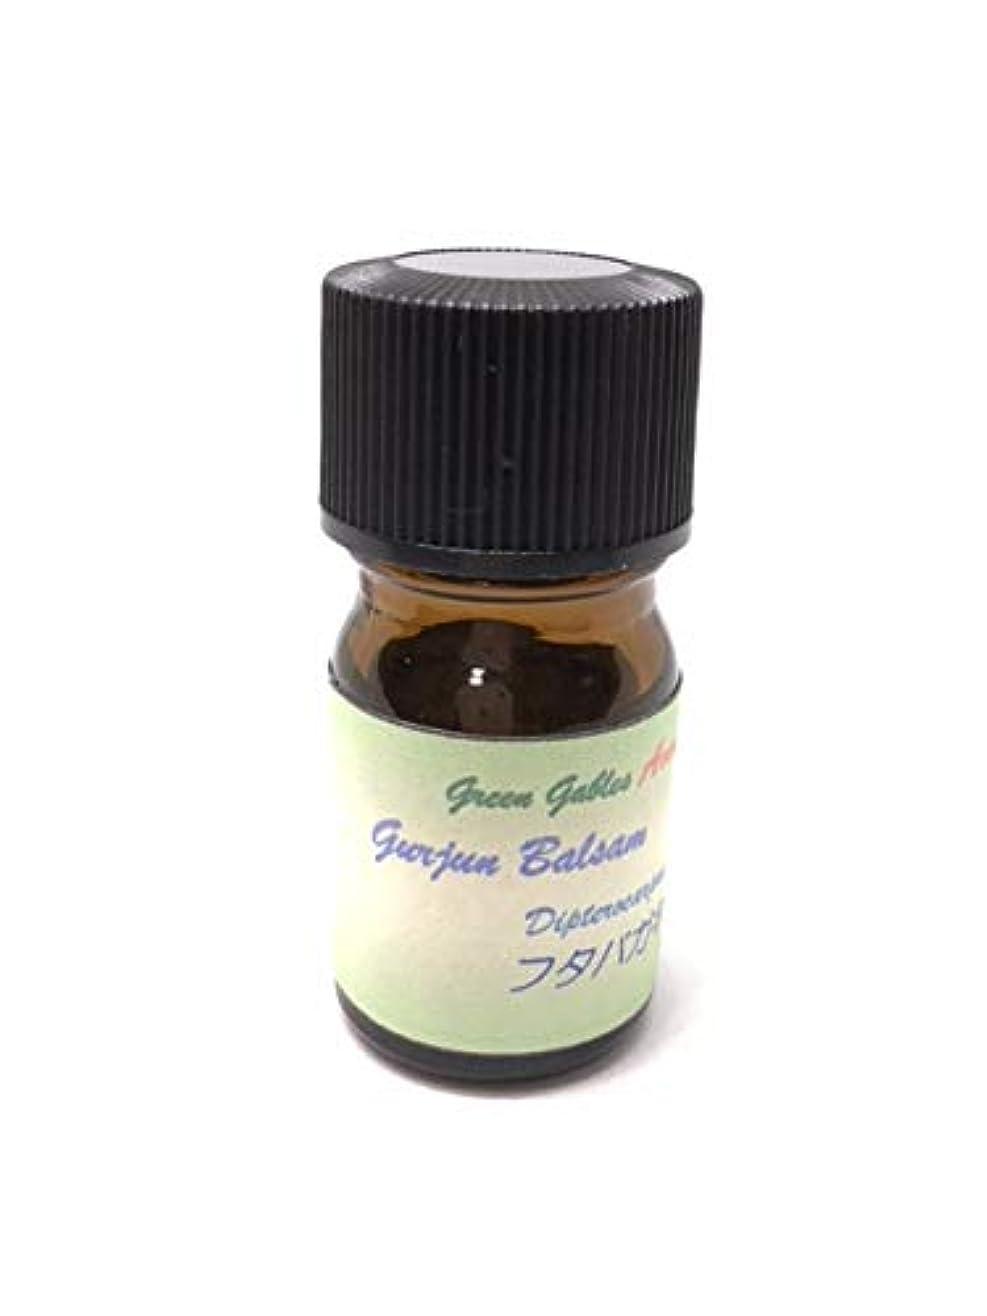 流用するに勝るピルファーグルジュンバルサム精油 30ml Gurjun Balsam エッセンシャルオイル